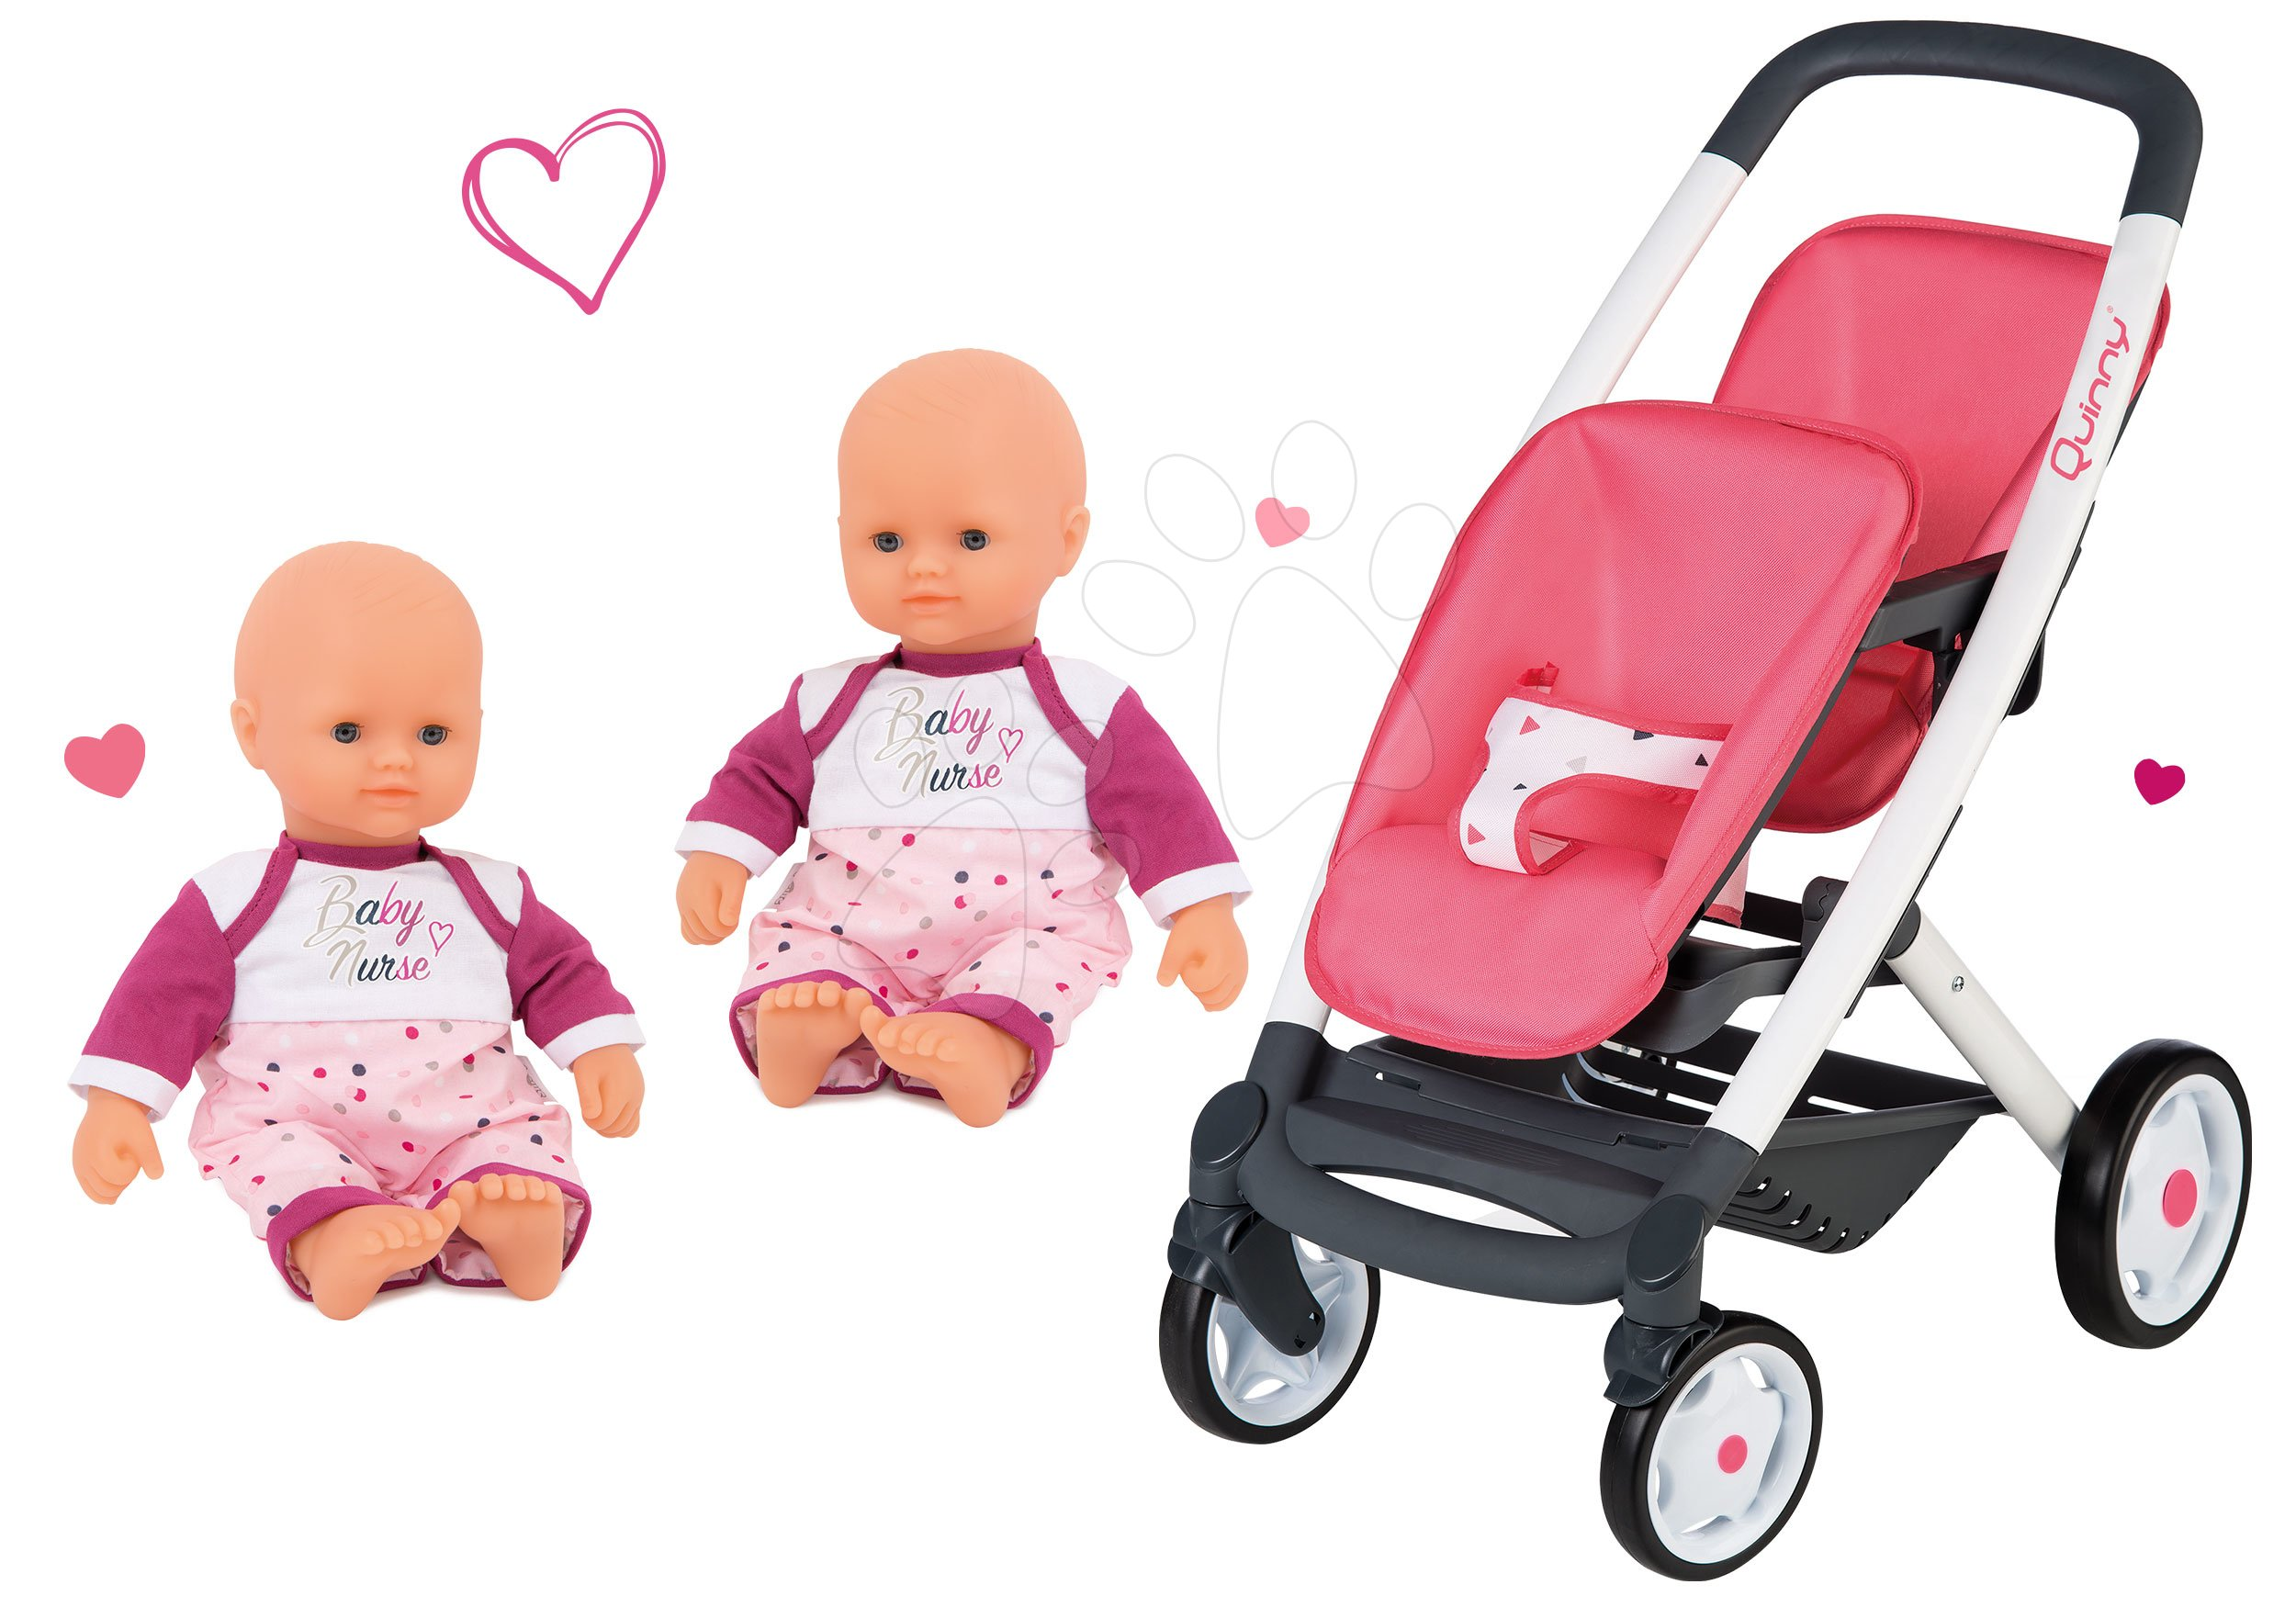 Set cărucior gemeni Twin Trio Paste Maxi Cosi&Quinny Smoby și păpuși gemene Violette Baby Nurse